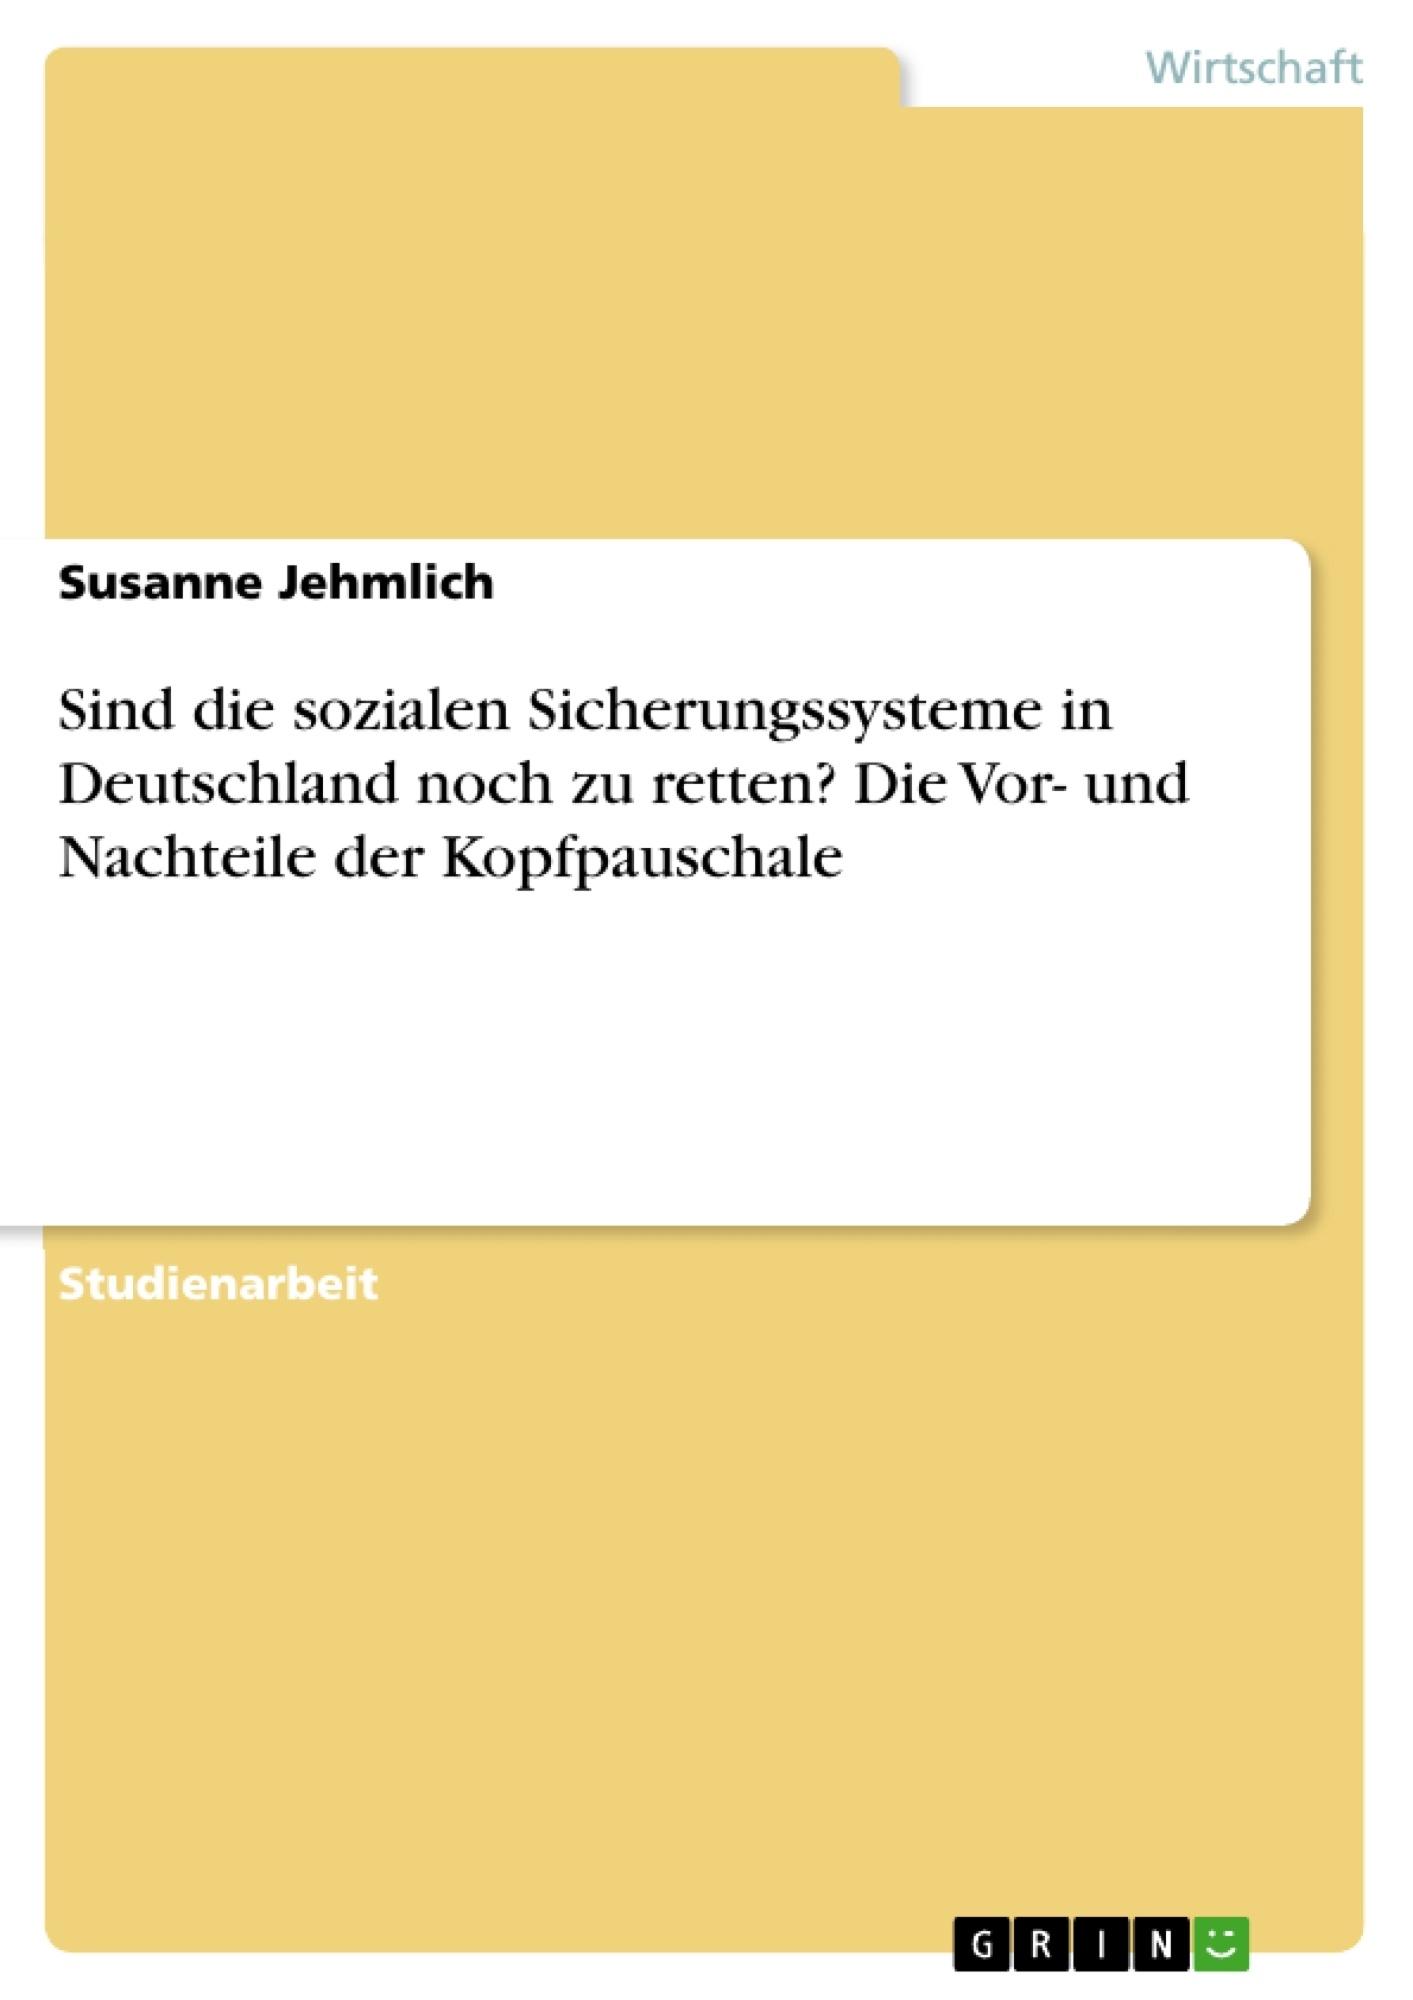 Titel: Sind die sozialen Sicherungssysteme in Deutschland noch zu retten? Die Vor- und Nachteile der Kopfpauschale